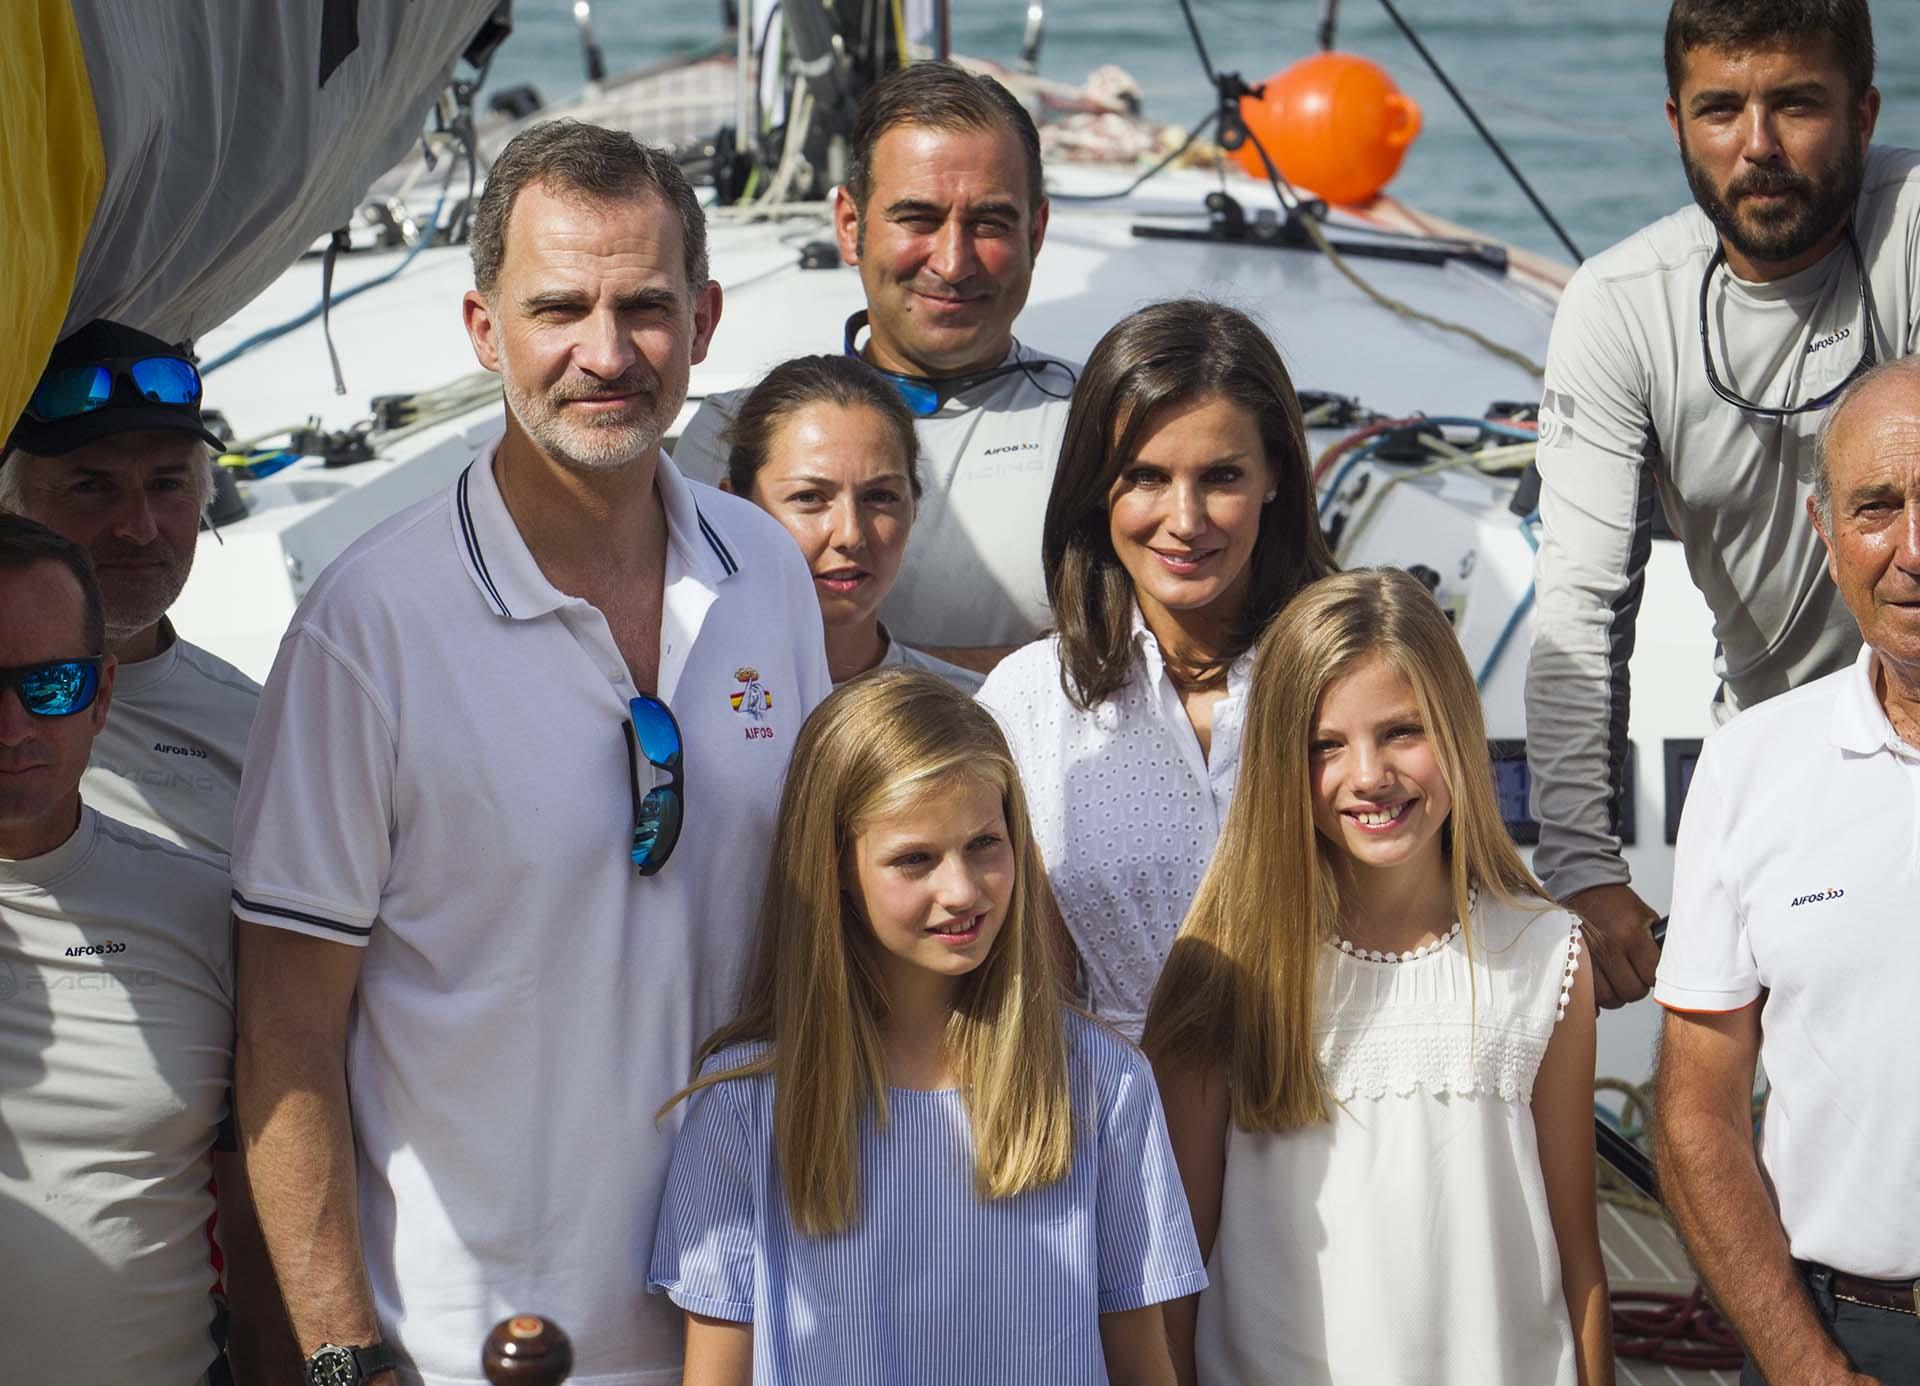 La reina Letizia, la princesa Leonor y la infanta Sofía acompañaronal rey Felipe VI al Real Club Náutico de Palma